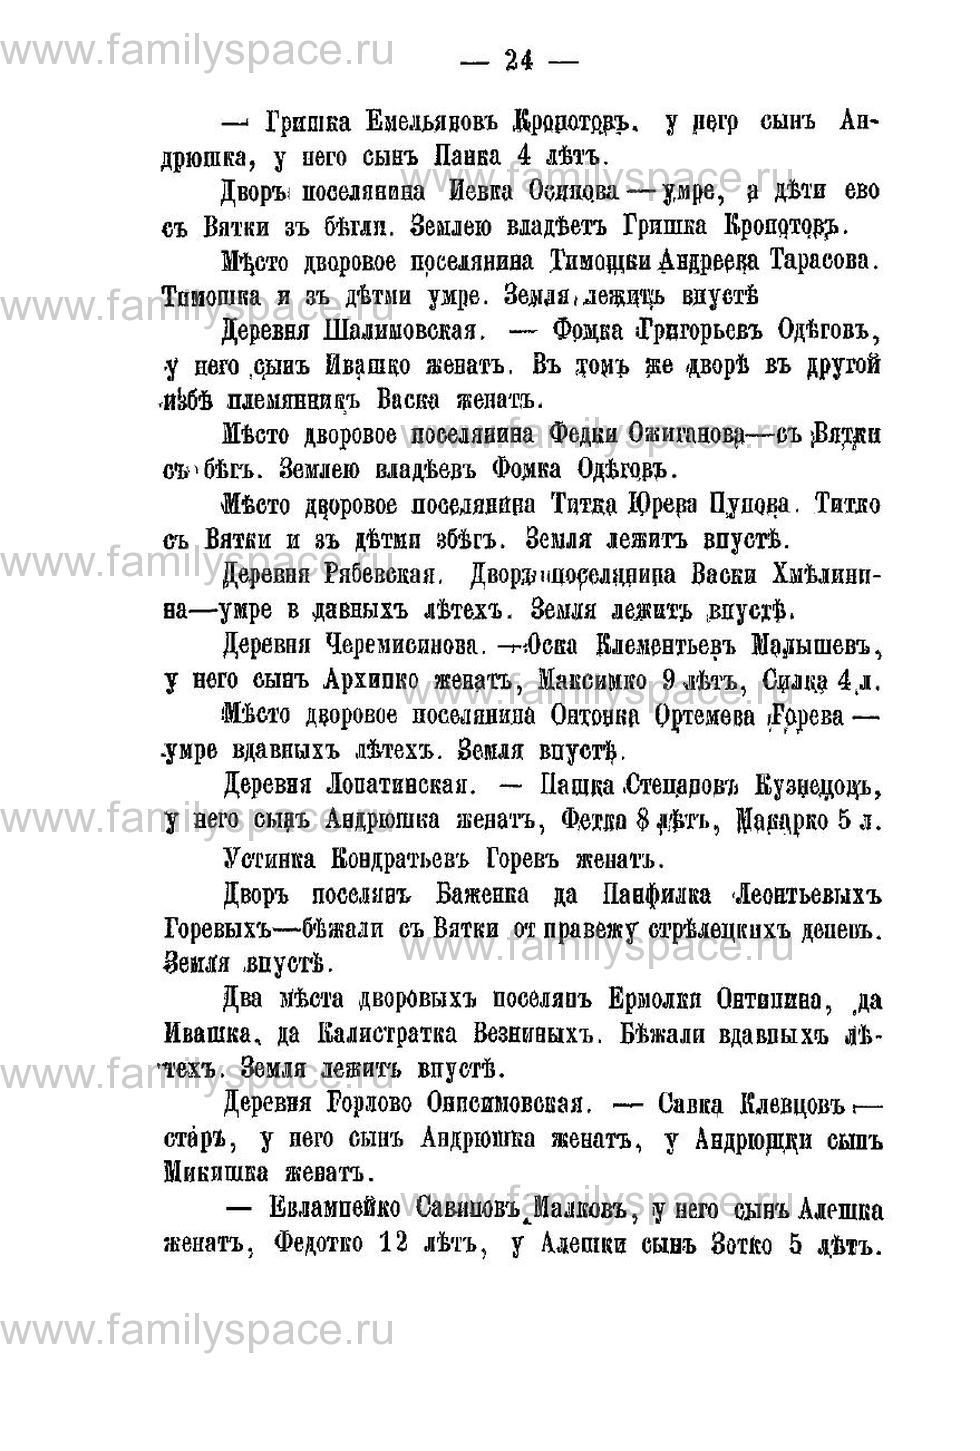 Поиск по фамилии - Переписная книга Орлова и волостей 1678 г, страница 20